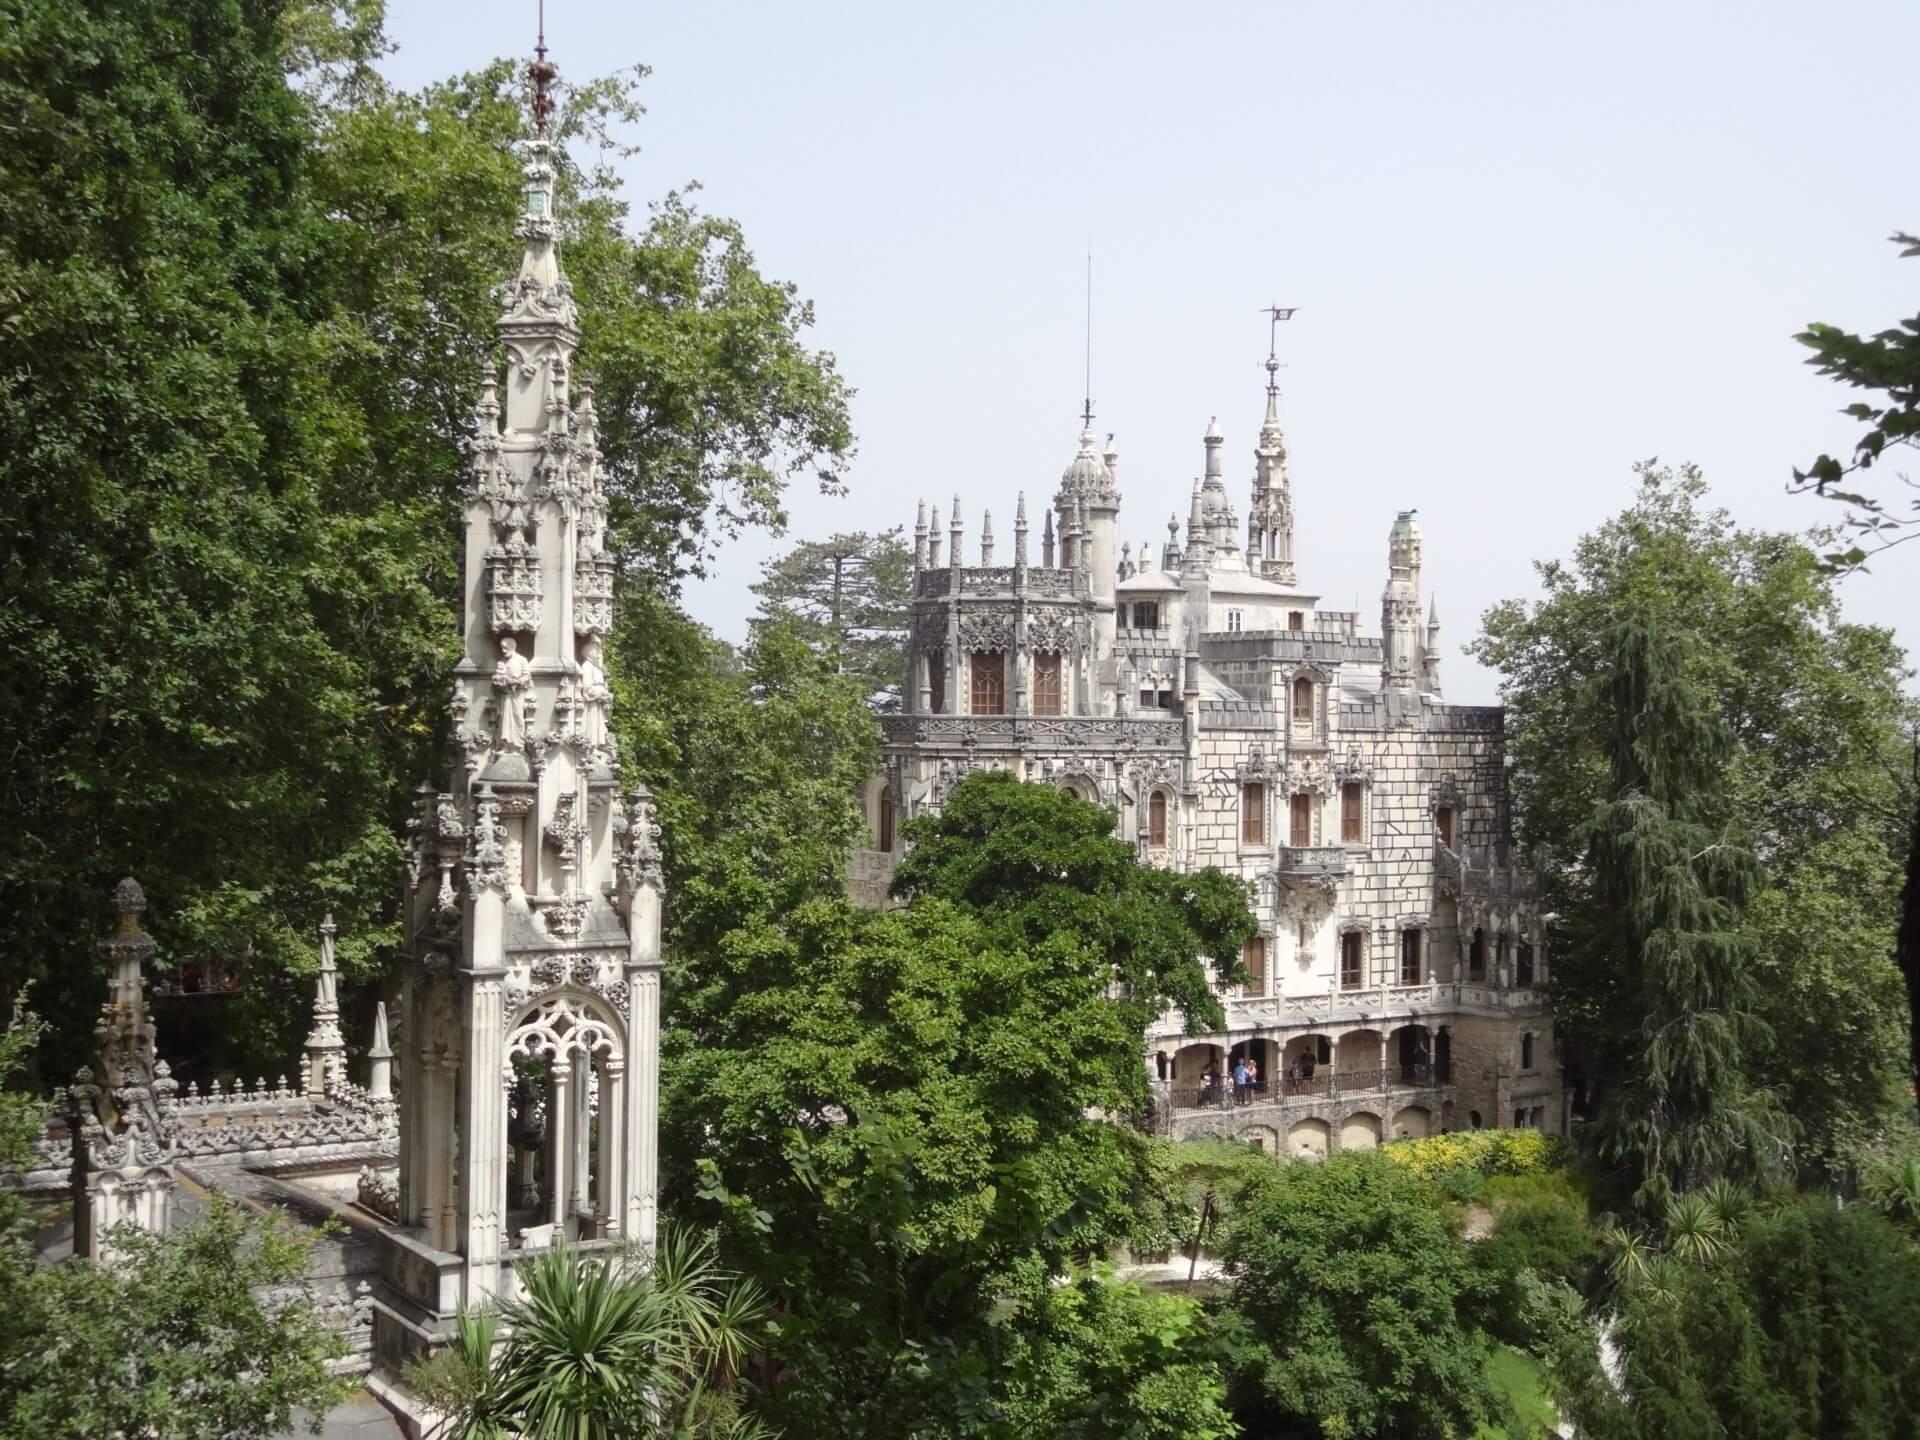 Portogallo QuintaDaRegaleira IN VIAGGIO CON LE PAROLE